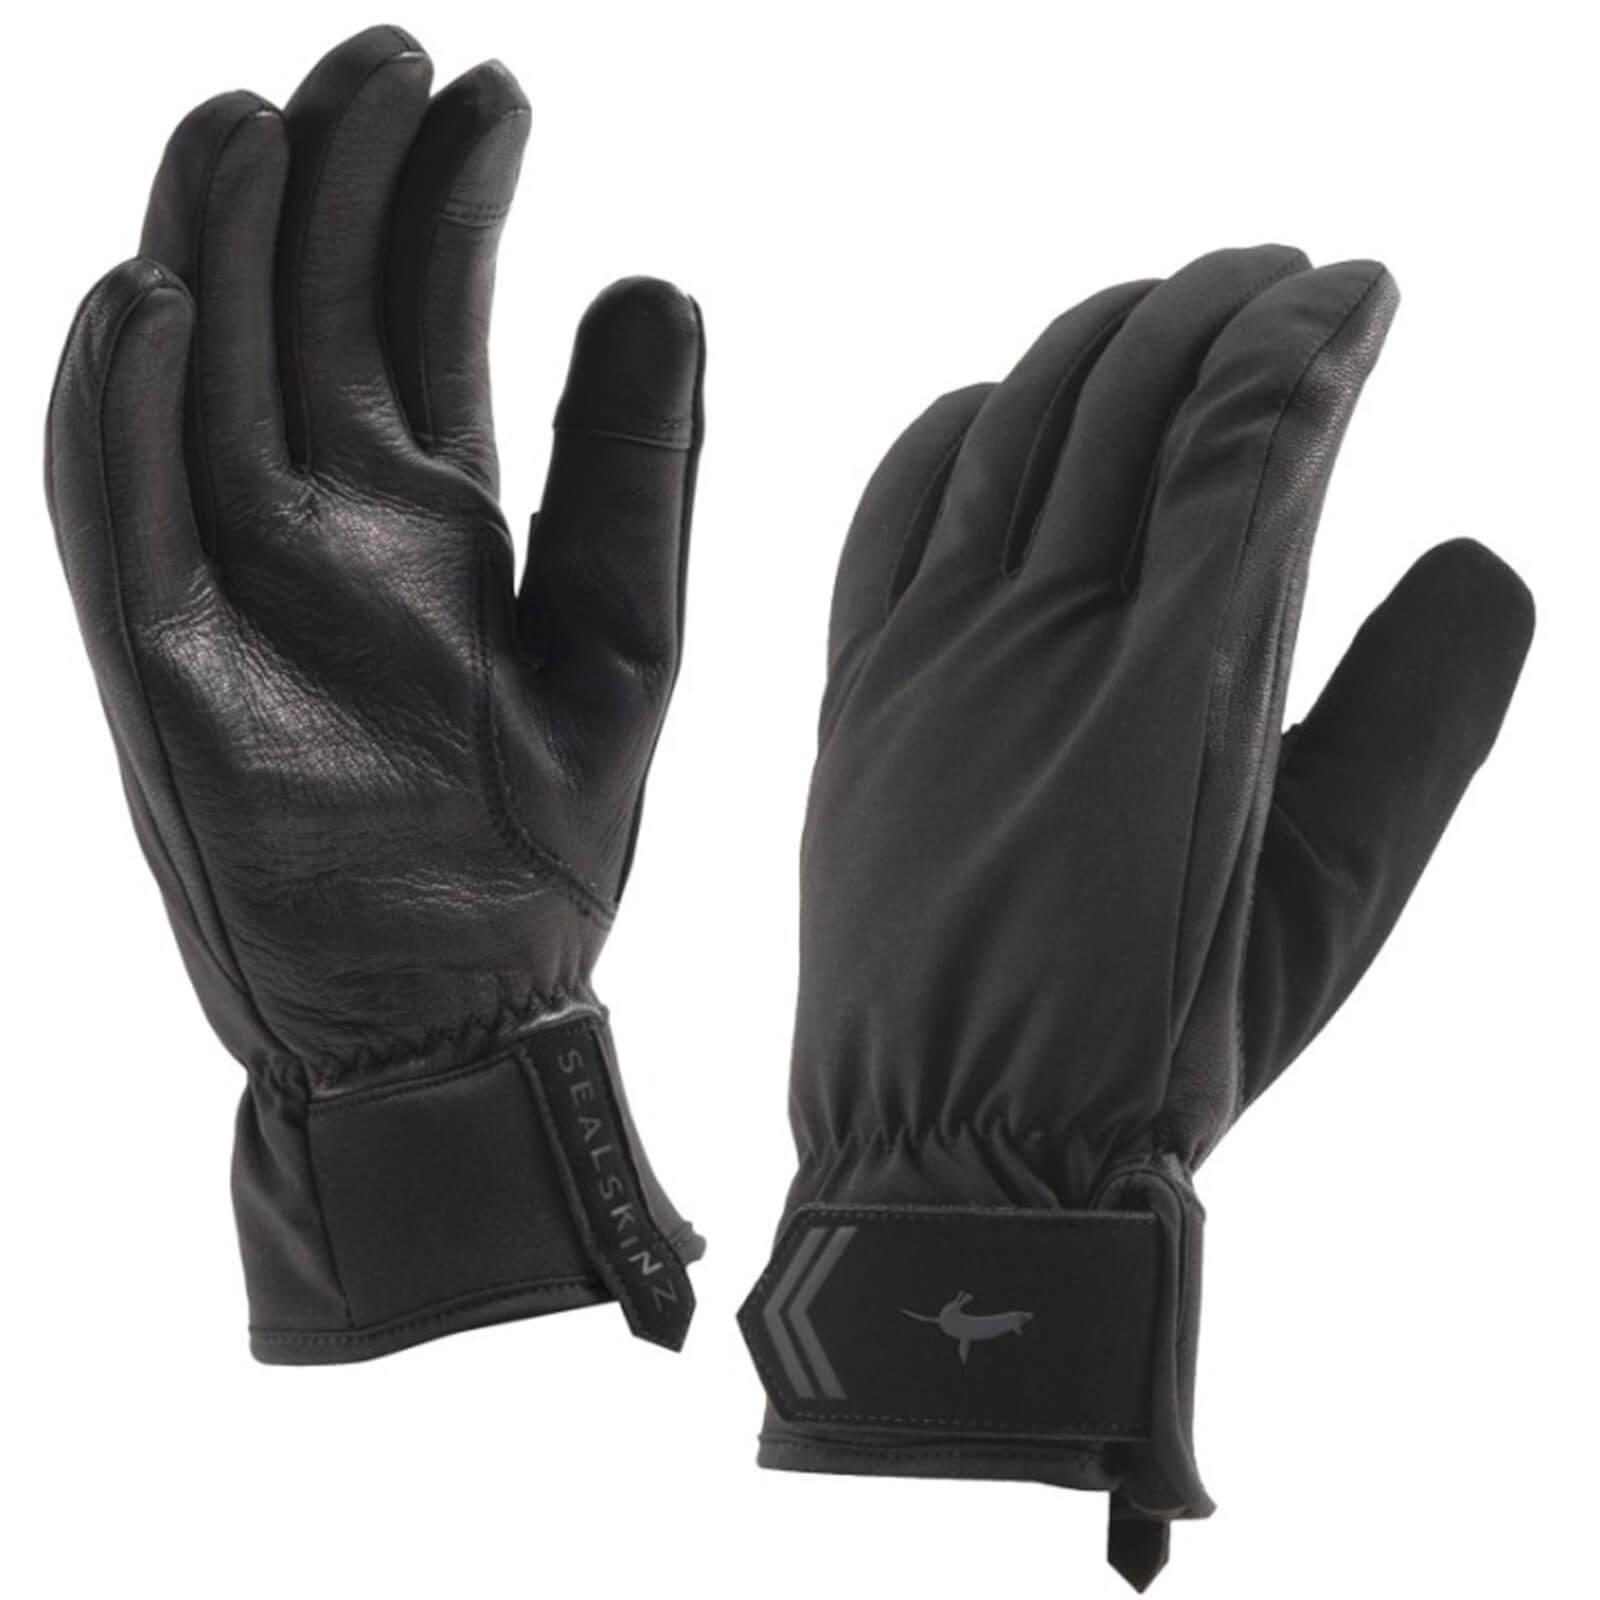 Sealskinz All Season Gloves - Black/Grey | Handsker